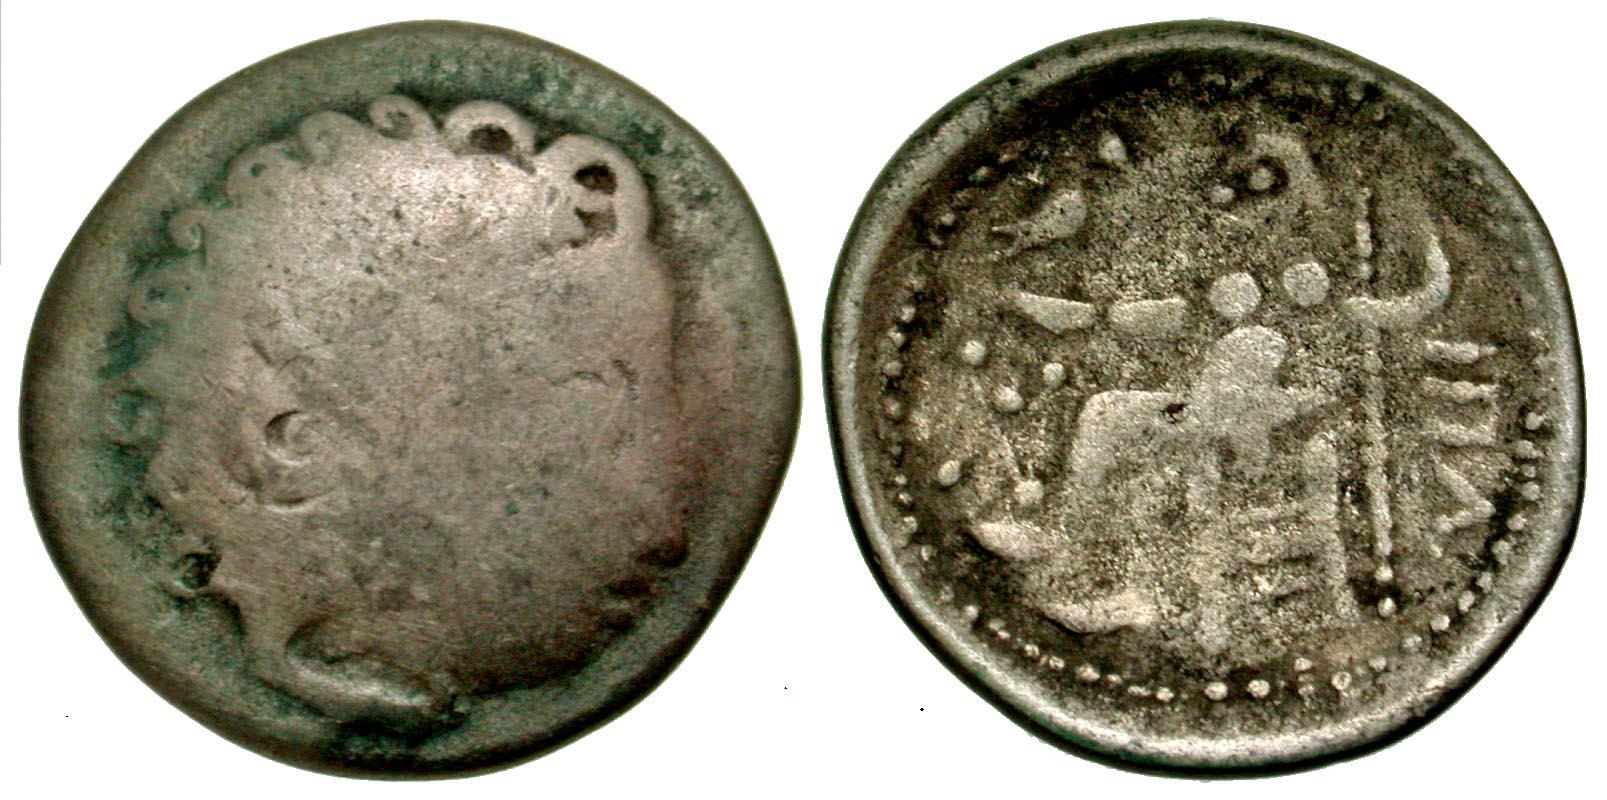 Eastern Celts, Danube Region. Local issue imitating Philip III. 3rd century B.C. AR drachm.